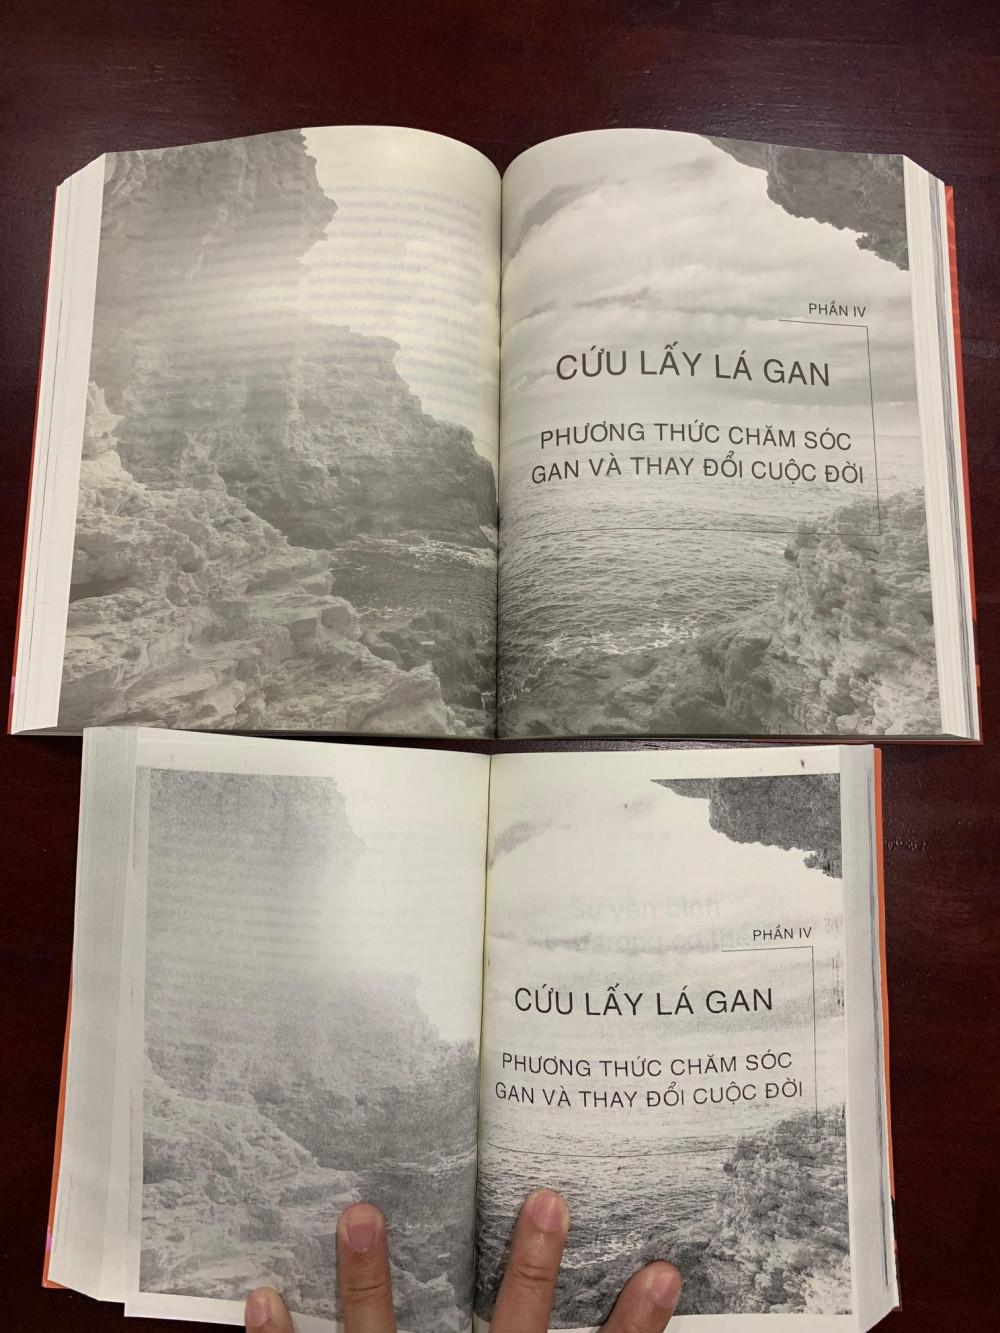 Hình ảnh giữa 2 bộ sách thật - giả được chụp lại.